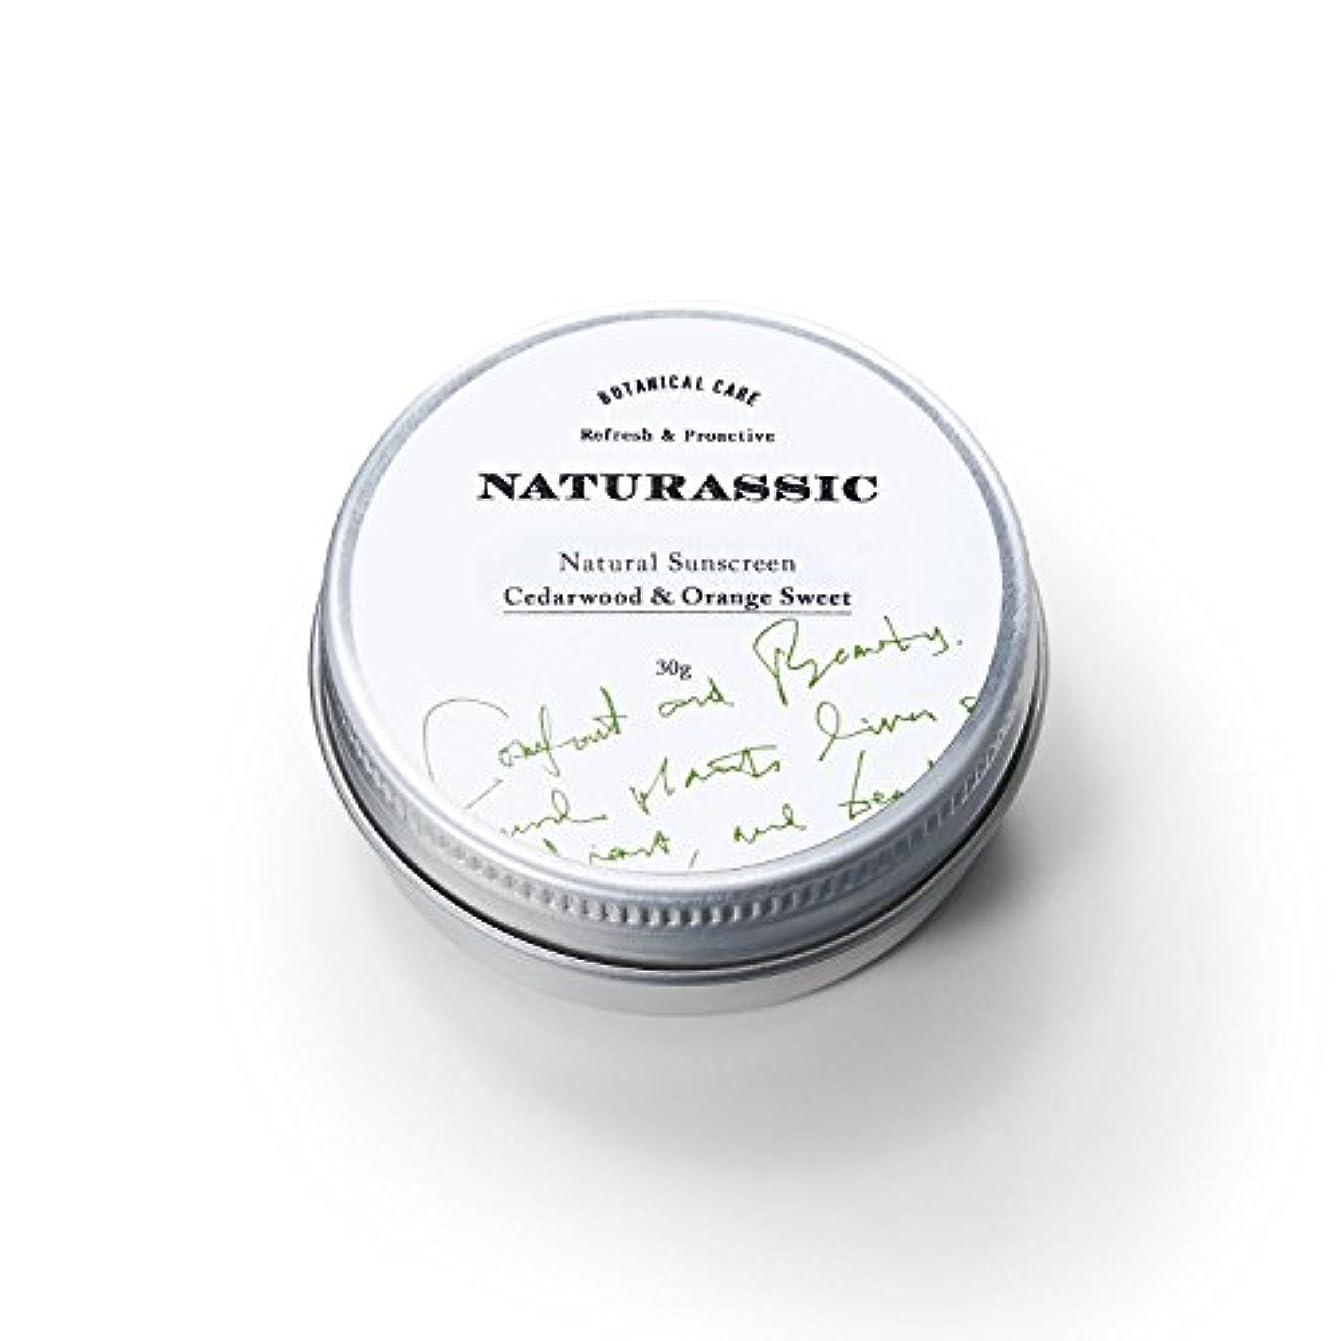 ウミウシ移住する突破口ナチュラシック ナチュラルサンスクリーンCO シダーウッド&オレンジスイートの香り 30g [天然由来成分100%]